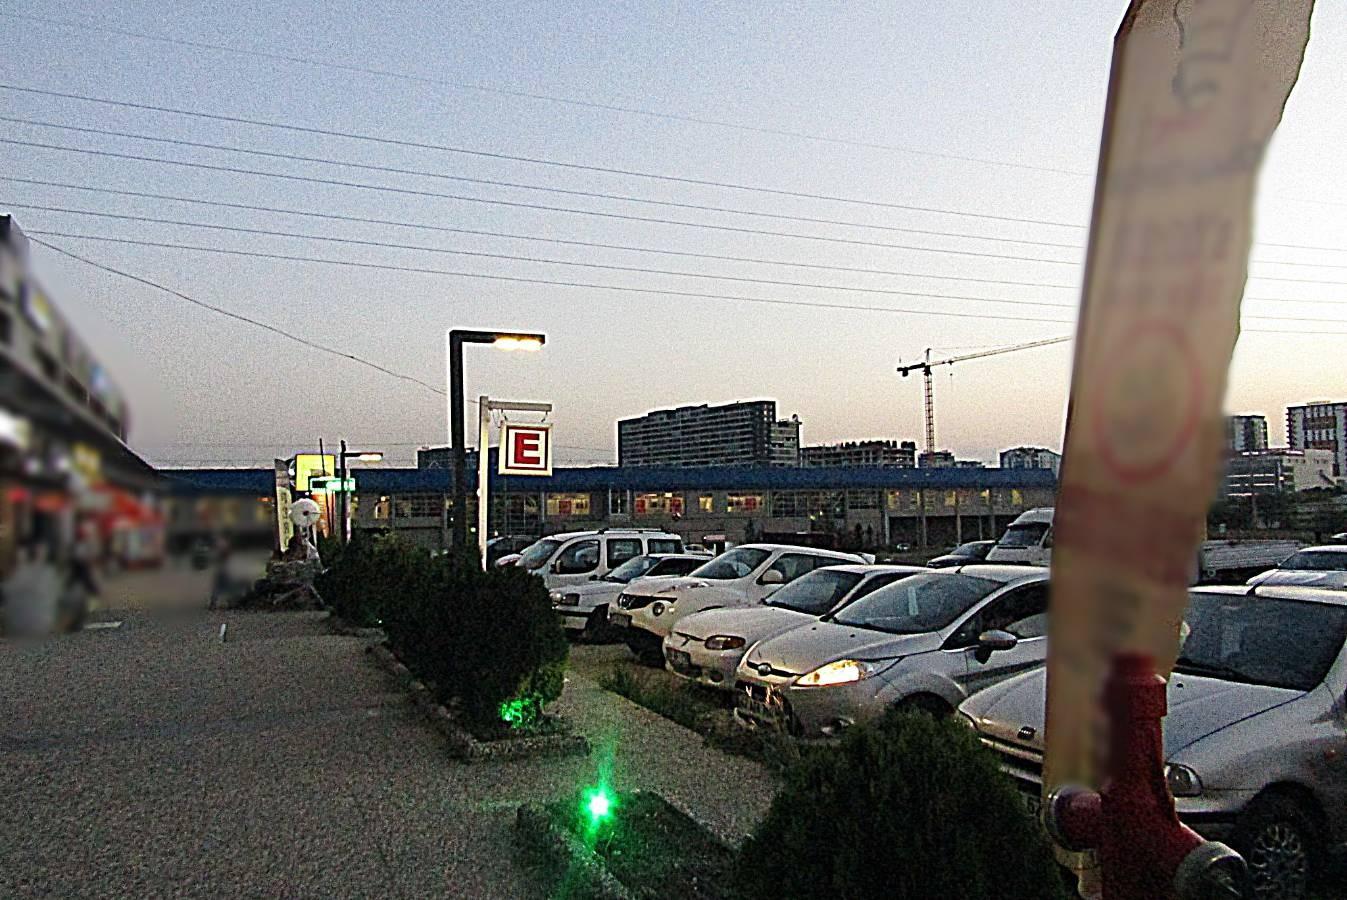 SR EMLAK'TAN YENİ BATI MAH'DE 80m²  KÖŞEBAŞI CADDE ÜSTÜ DEVREN SATILIK LOKANTA